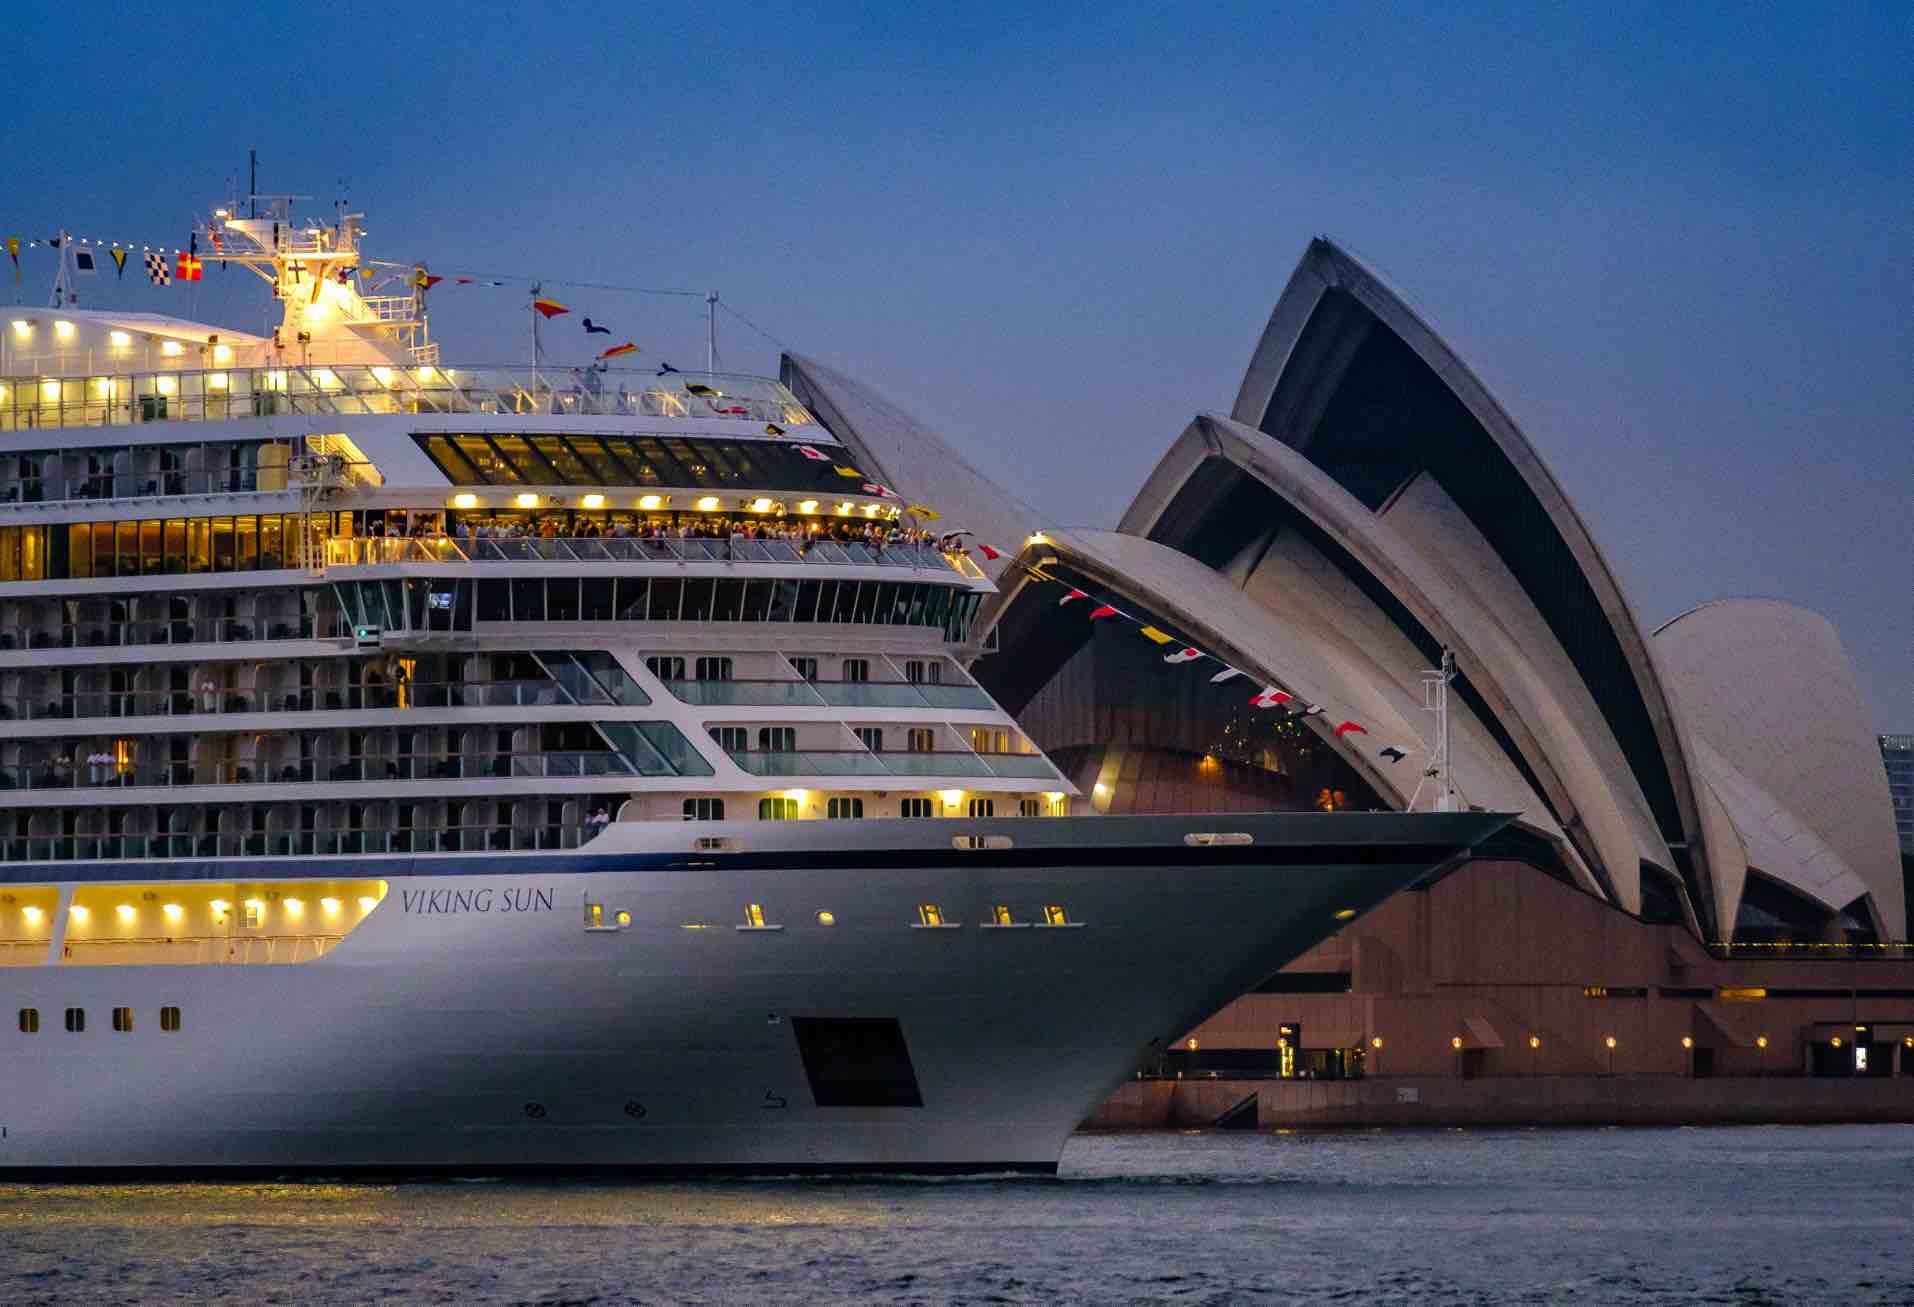 ¡Mega crucero del año! La vuelta al mundo en 245 días con el Viking Ultimate World Cruise